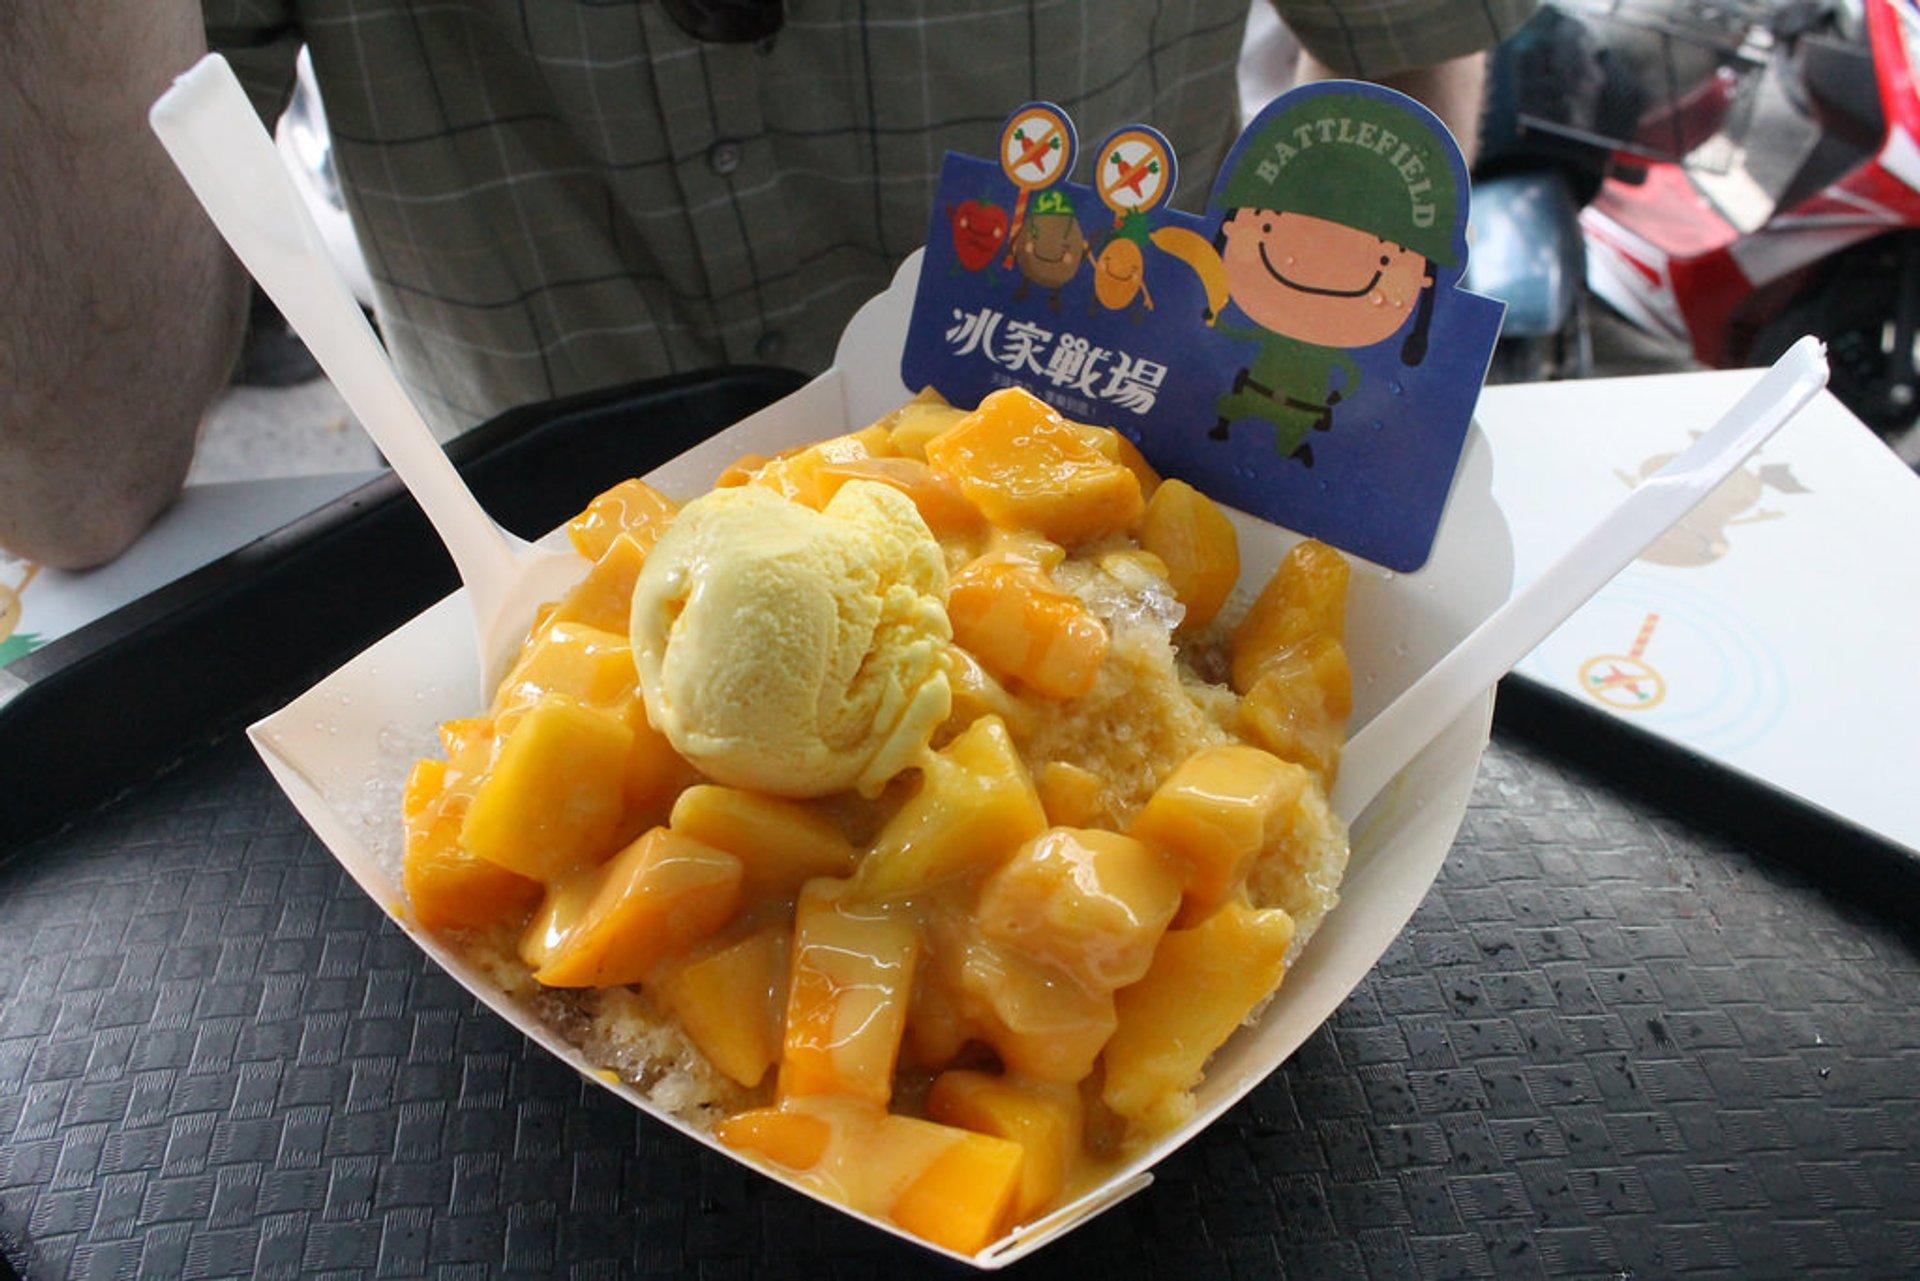 Mango baobing, a delicious dessert 2020